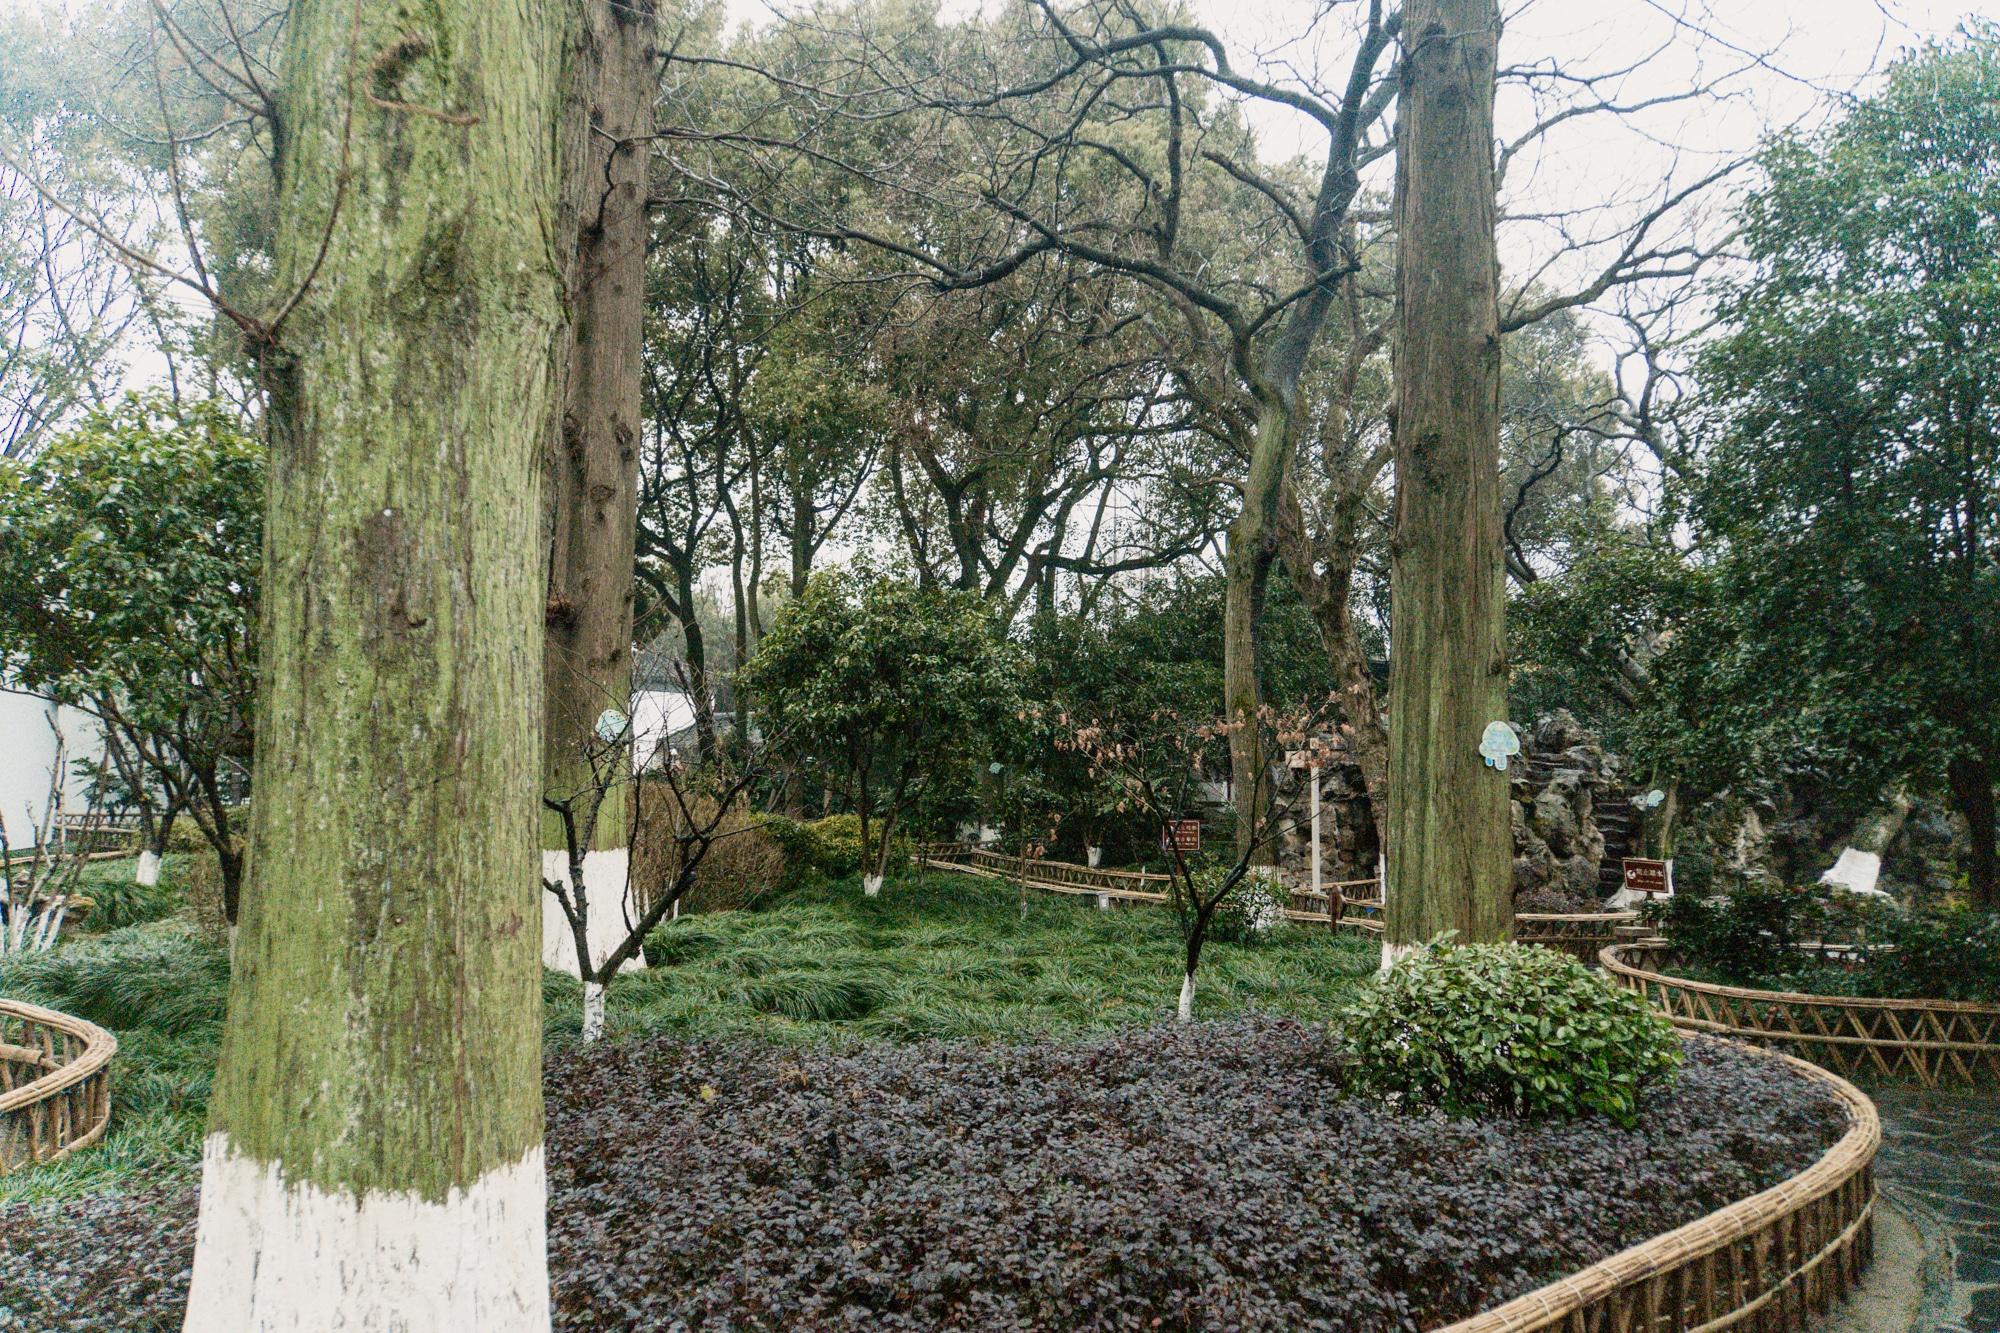 Zhujiajiao Tagesausflug: Tipps für die Wasserstadt bei Shanghai - Kezhi Yuan Garten